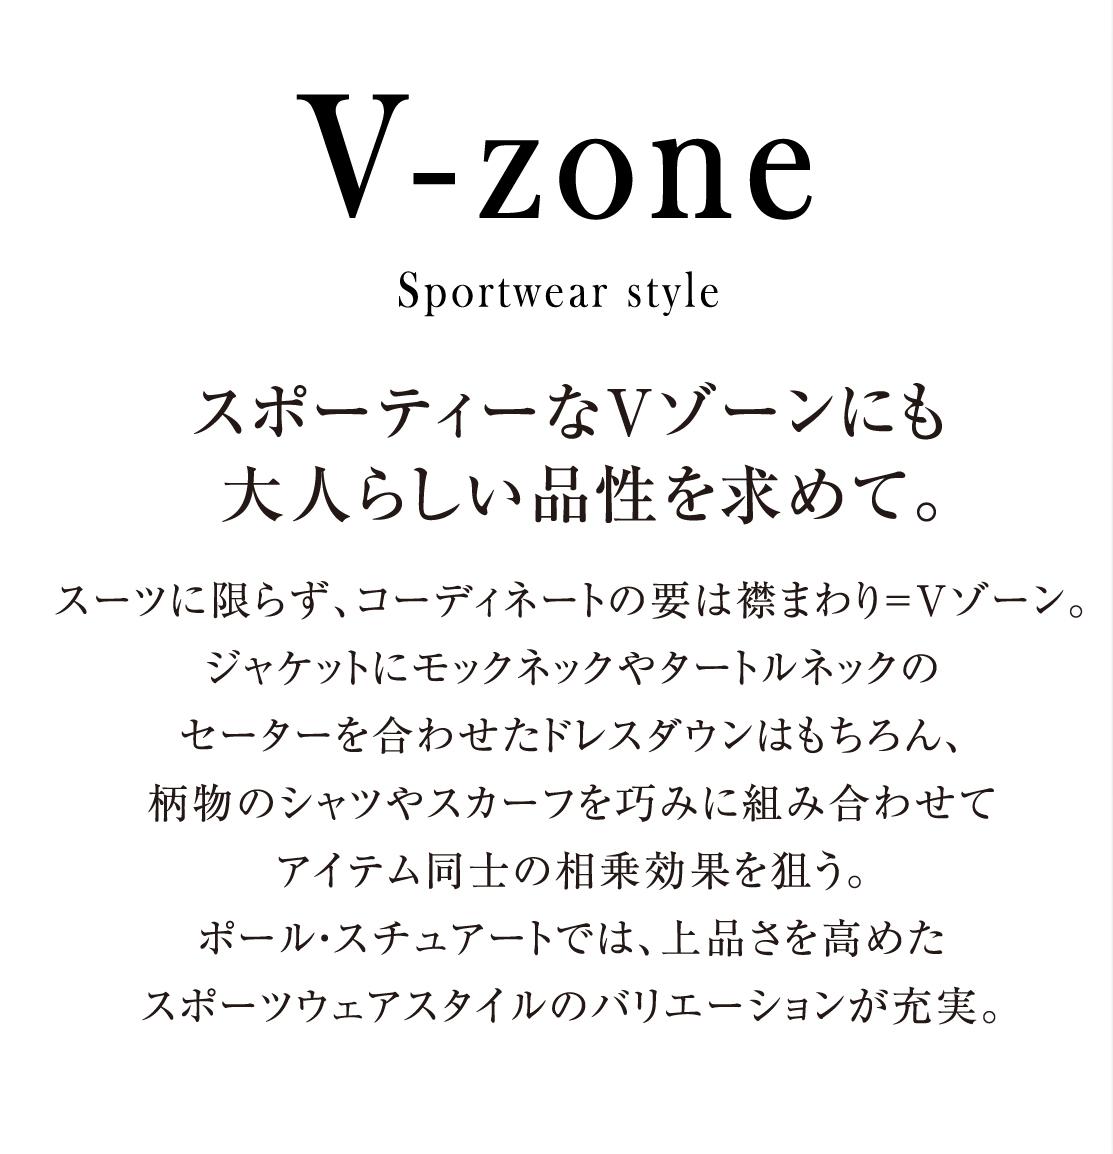 スポーティーなVゾーンにも 大人らしい品性を求めて。 スーツに限らず、コーディネートの要は襟まわり=Vゾーン。ジャケットにモックネックやタートルネックのセーターを合わせたドレスダウンはもちろん、柄物のシャツやスカーフを巧みに組み合わせてアイテム同士の相乗効果を狙う。ポール・スチュアートでは、上品さを高めたスポーツウェアスタイルのバリエーションが充実。